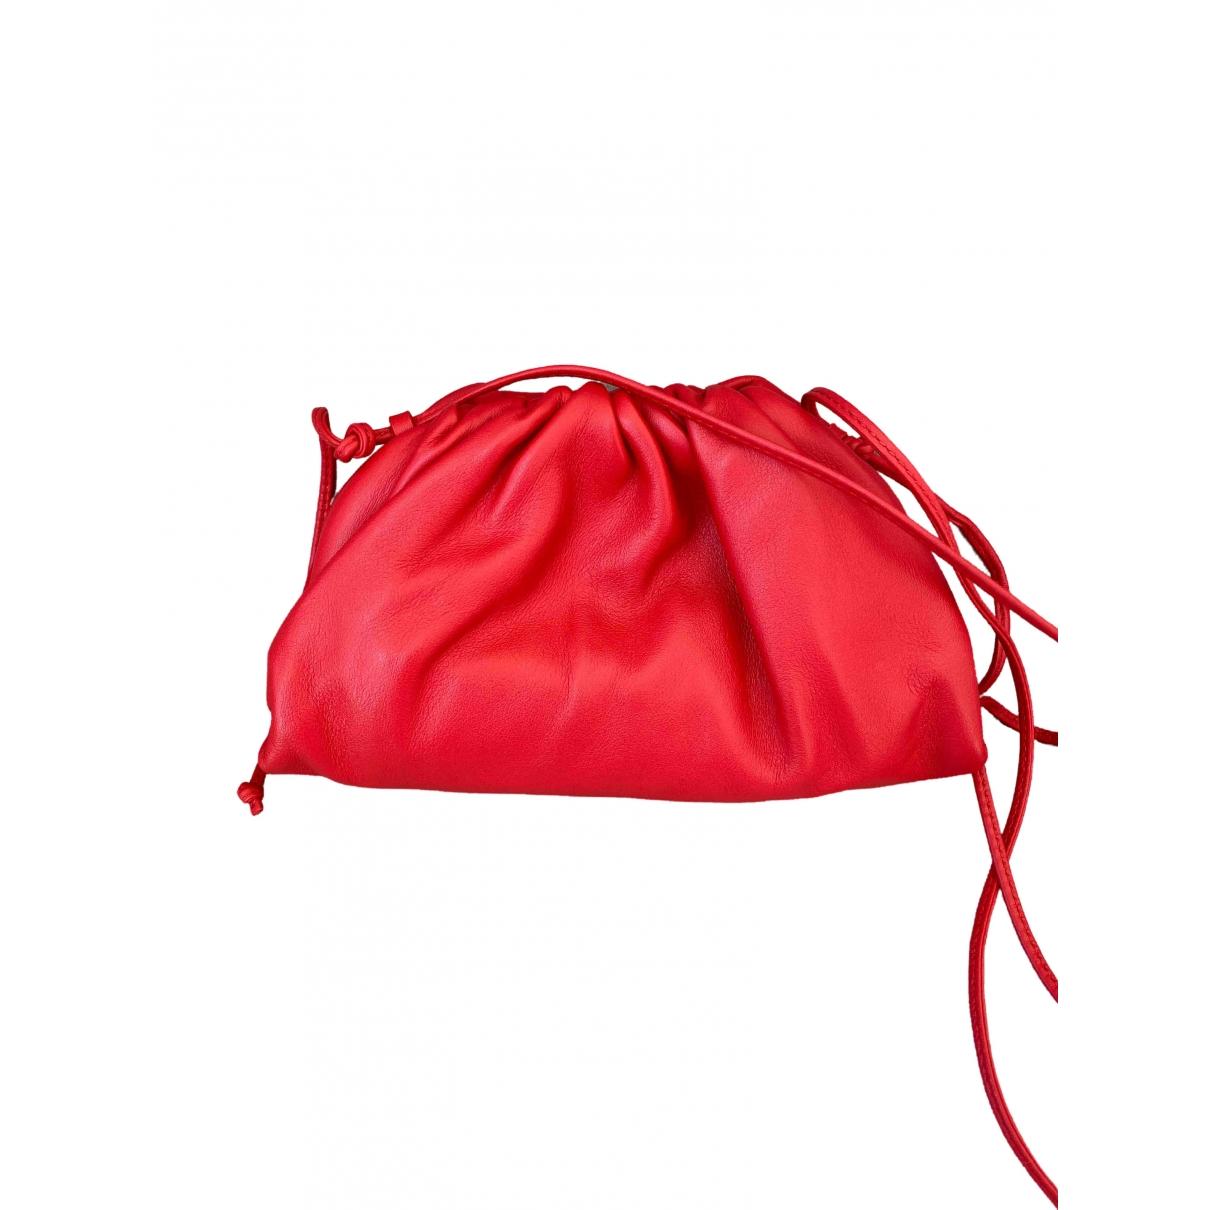 Bottega Veneta Pouch Red Leather handbag for Women \N